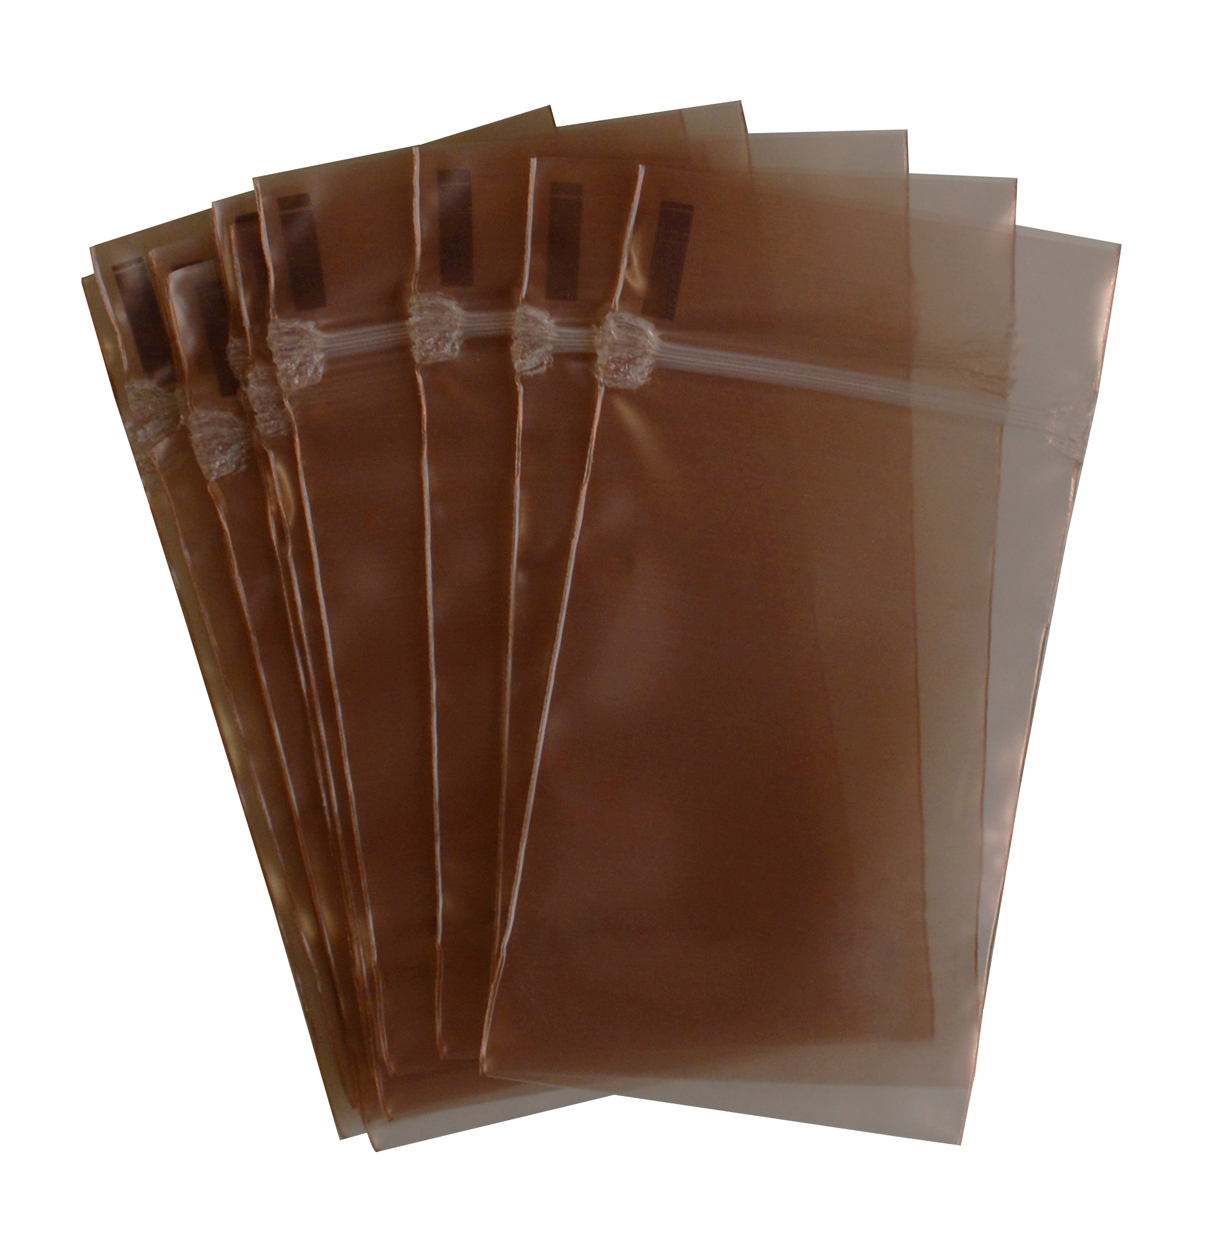 Anti-Tarnish Bags